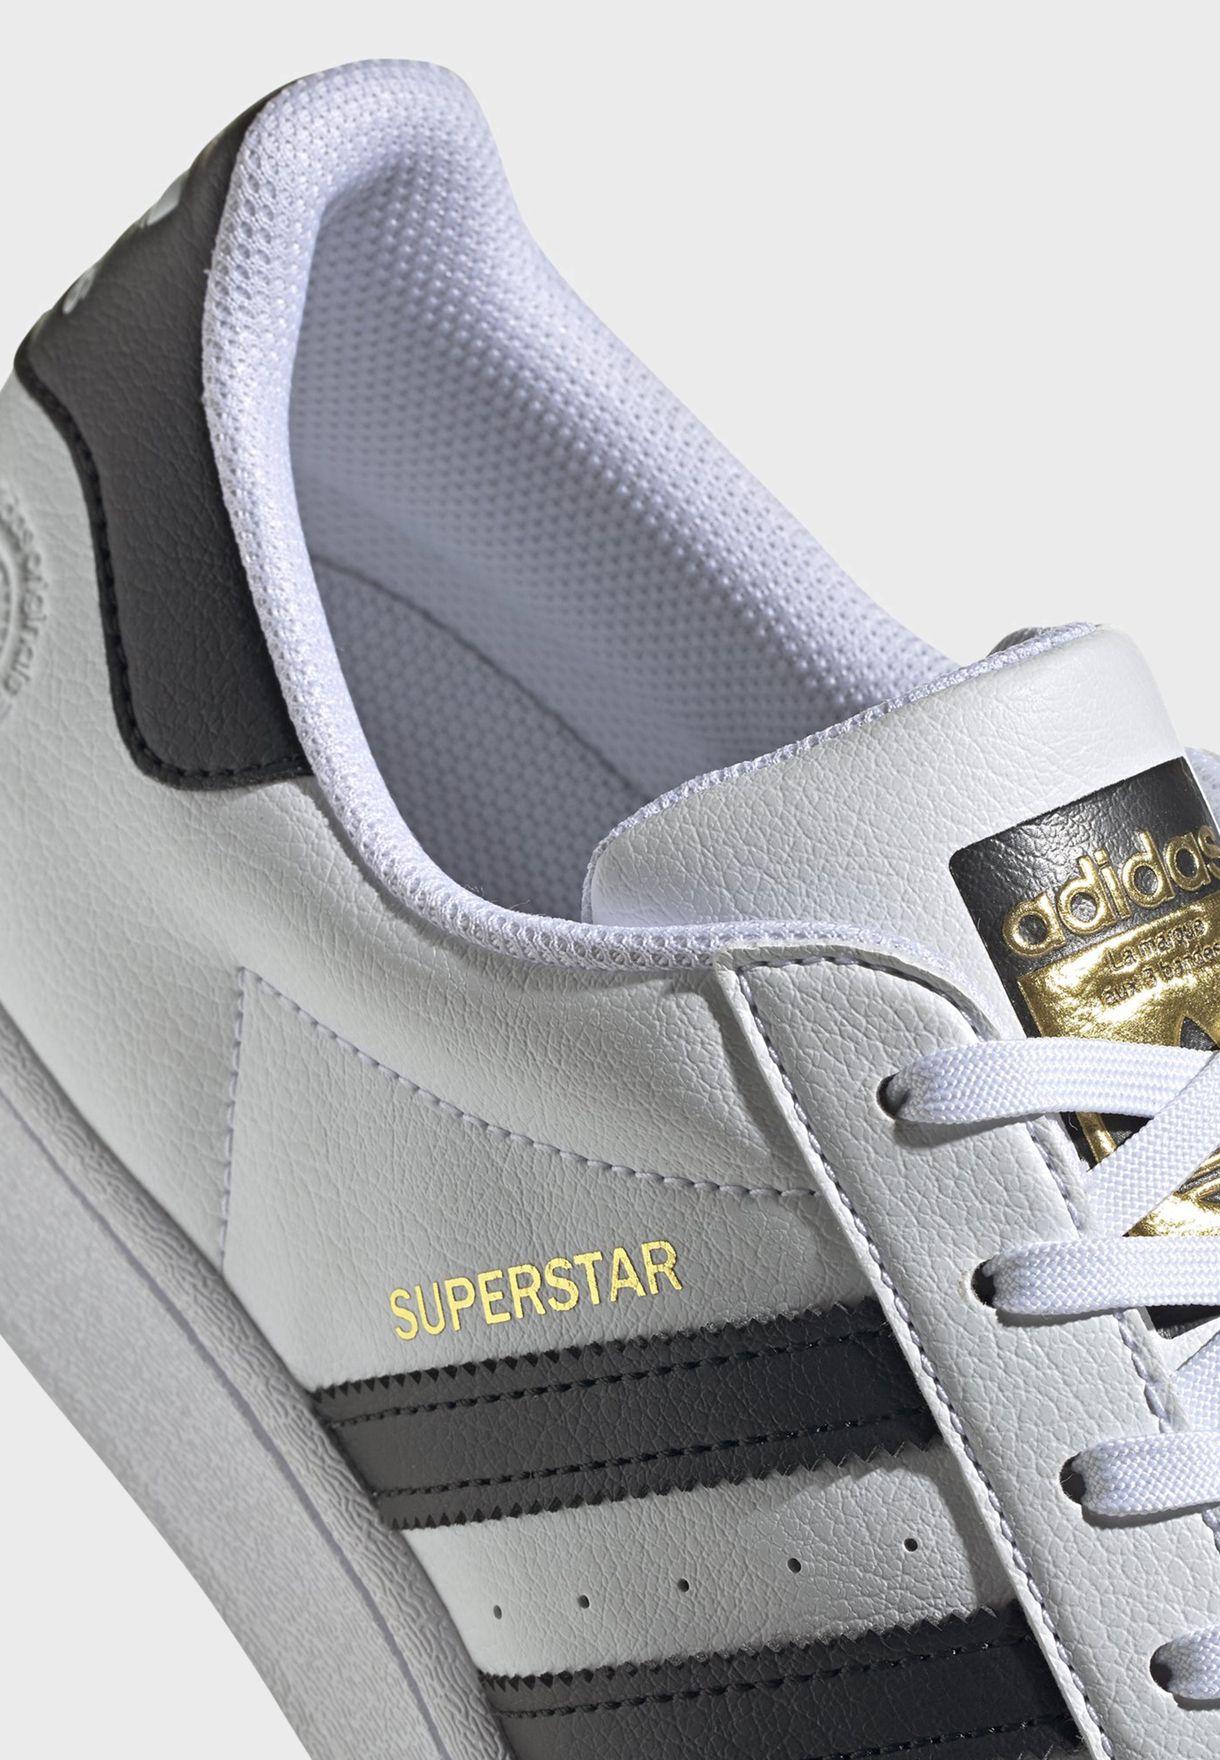 حذاء سوبرستار بناتي